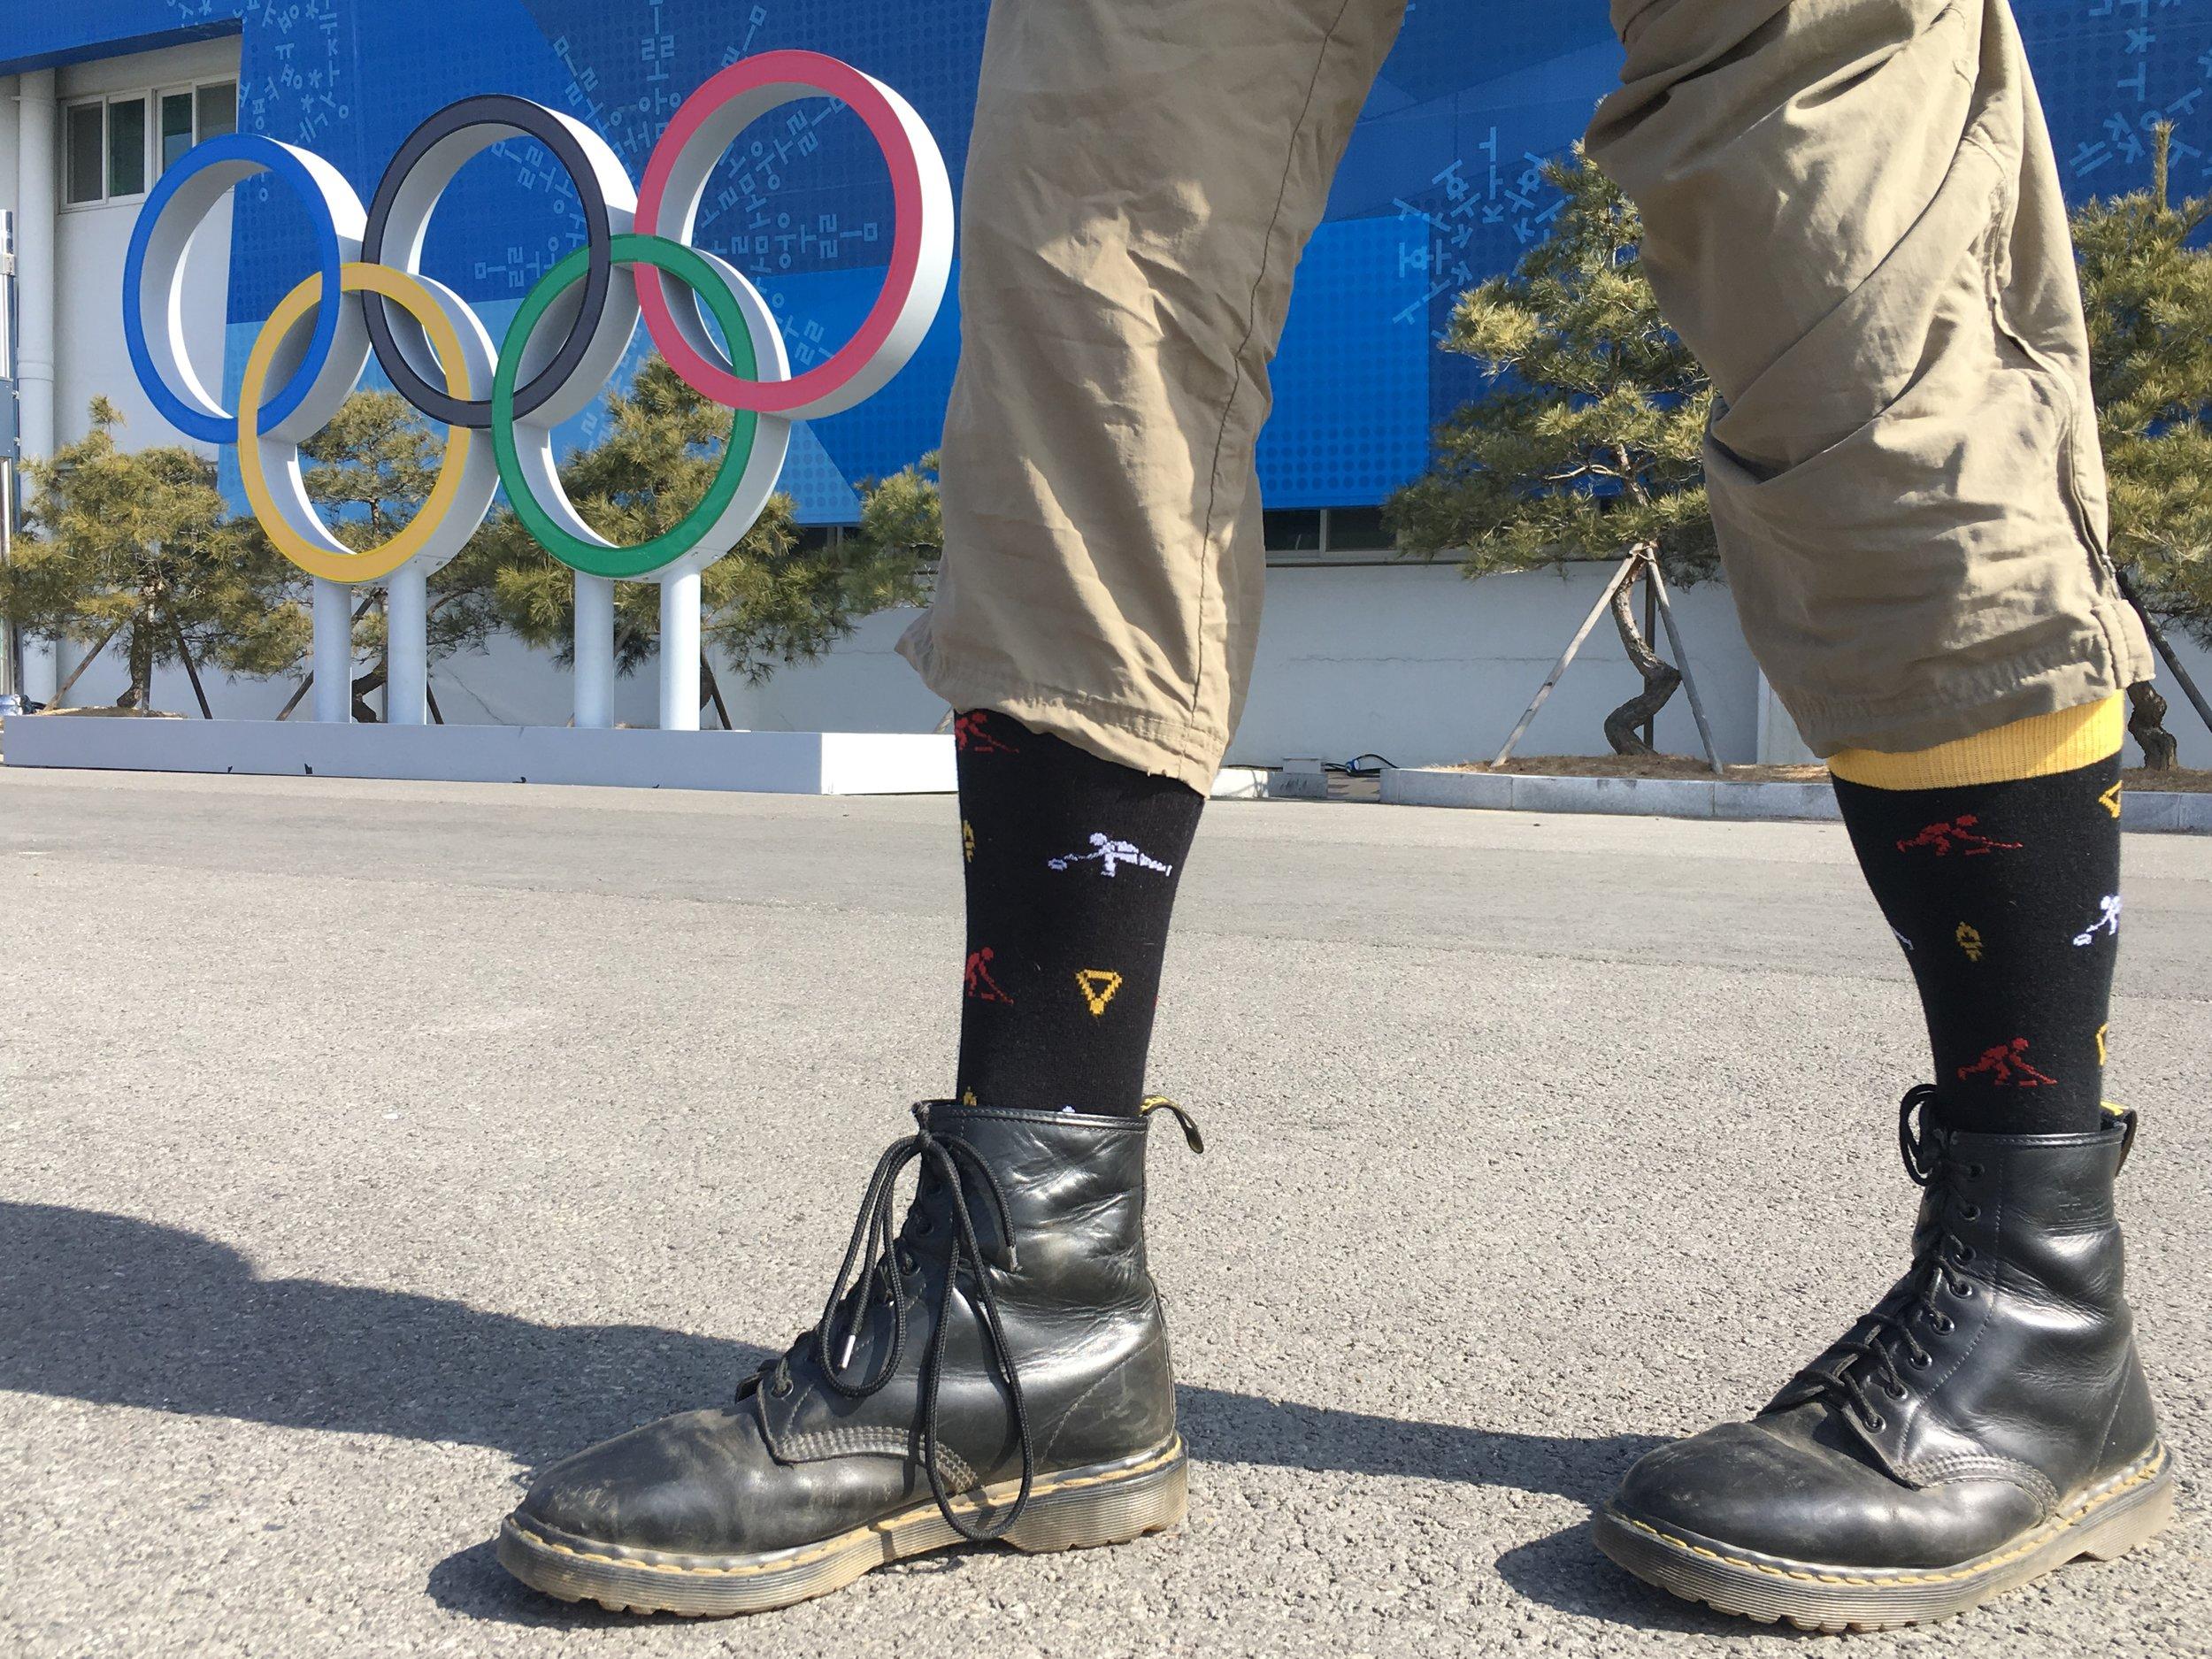 Sweet socks eh?